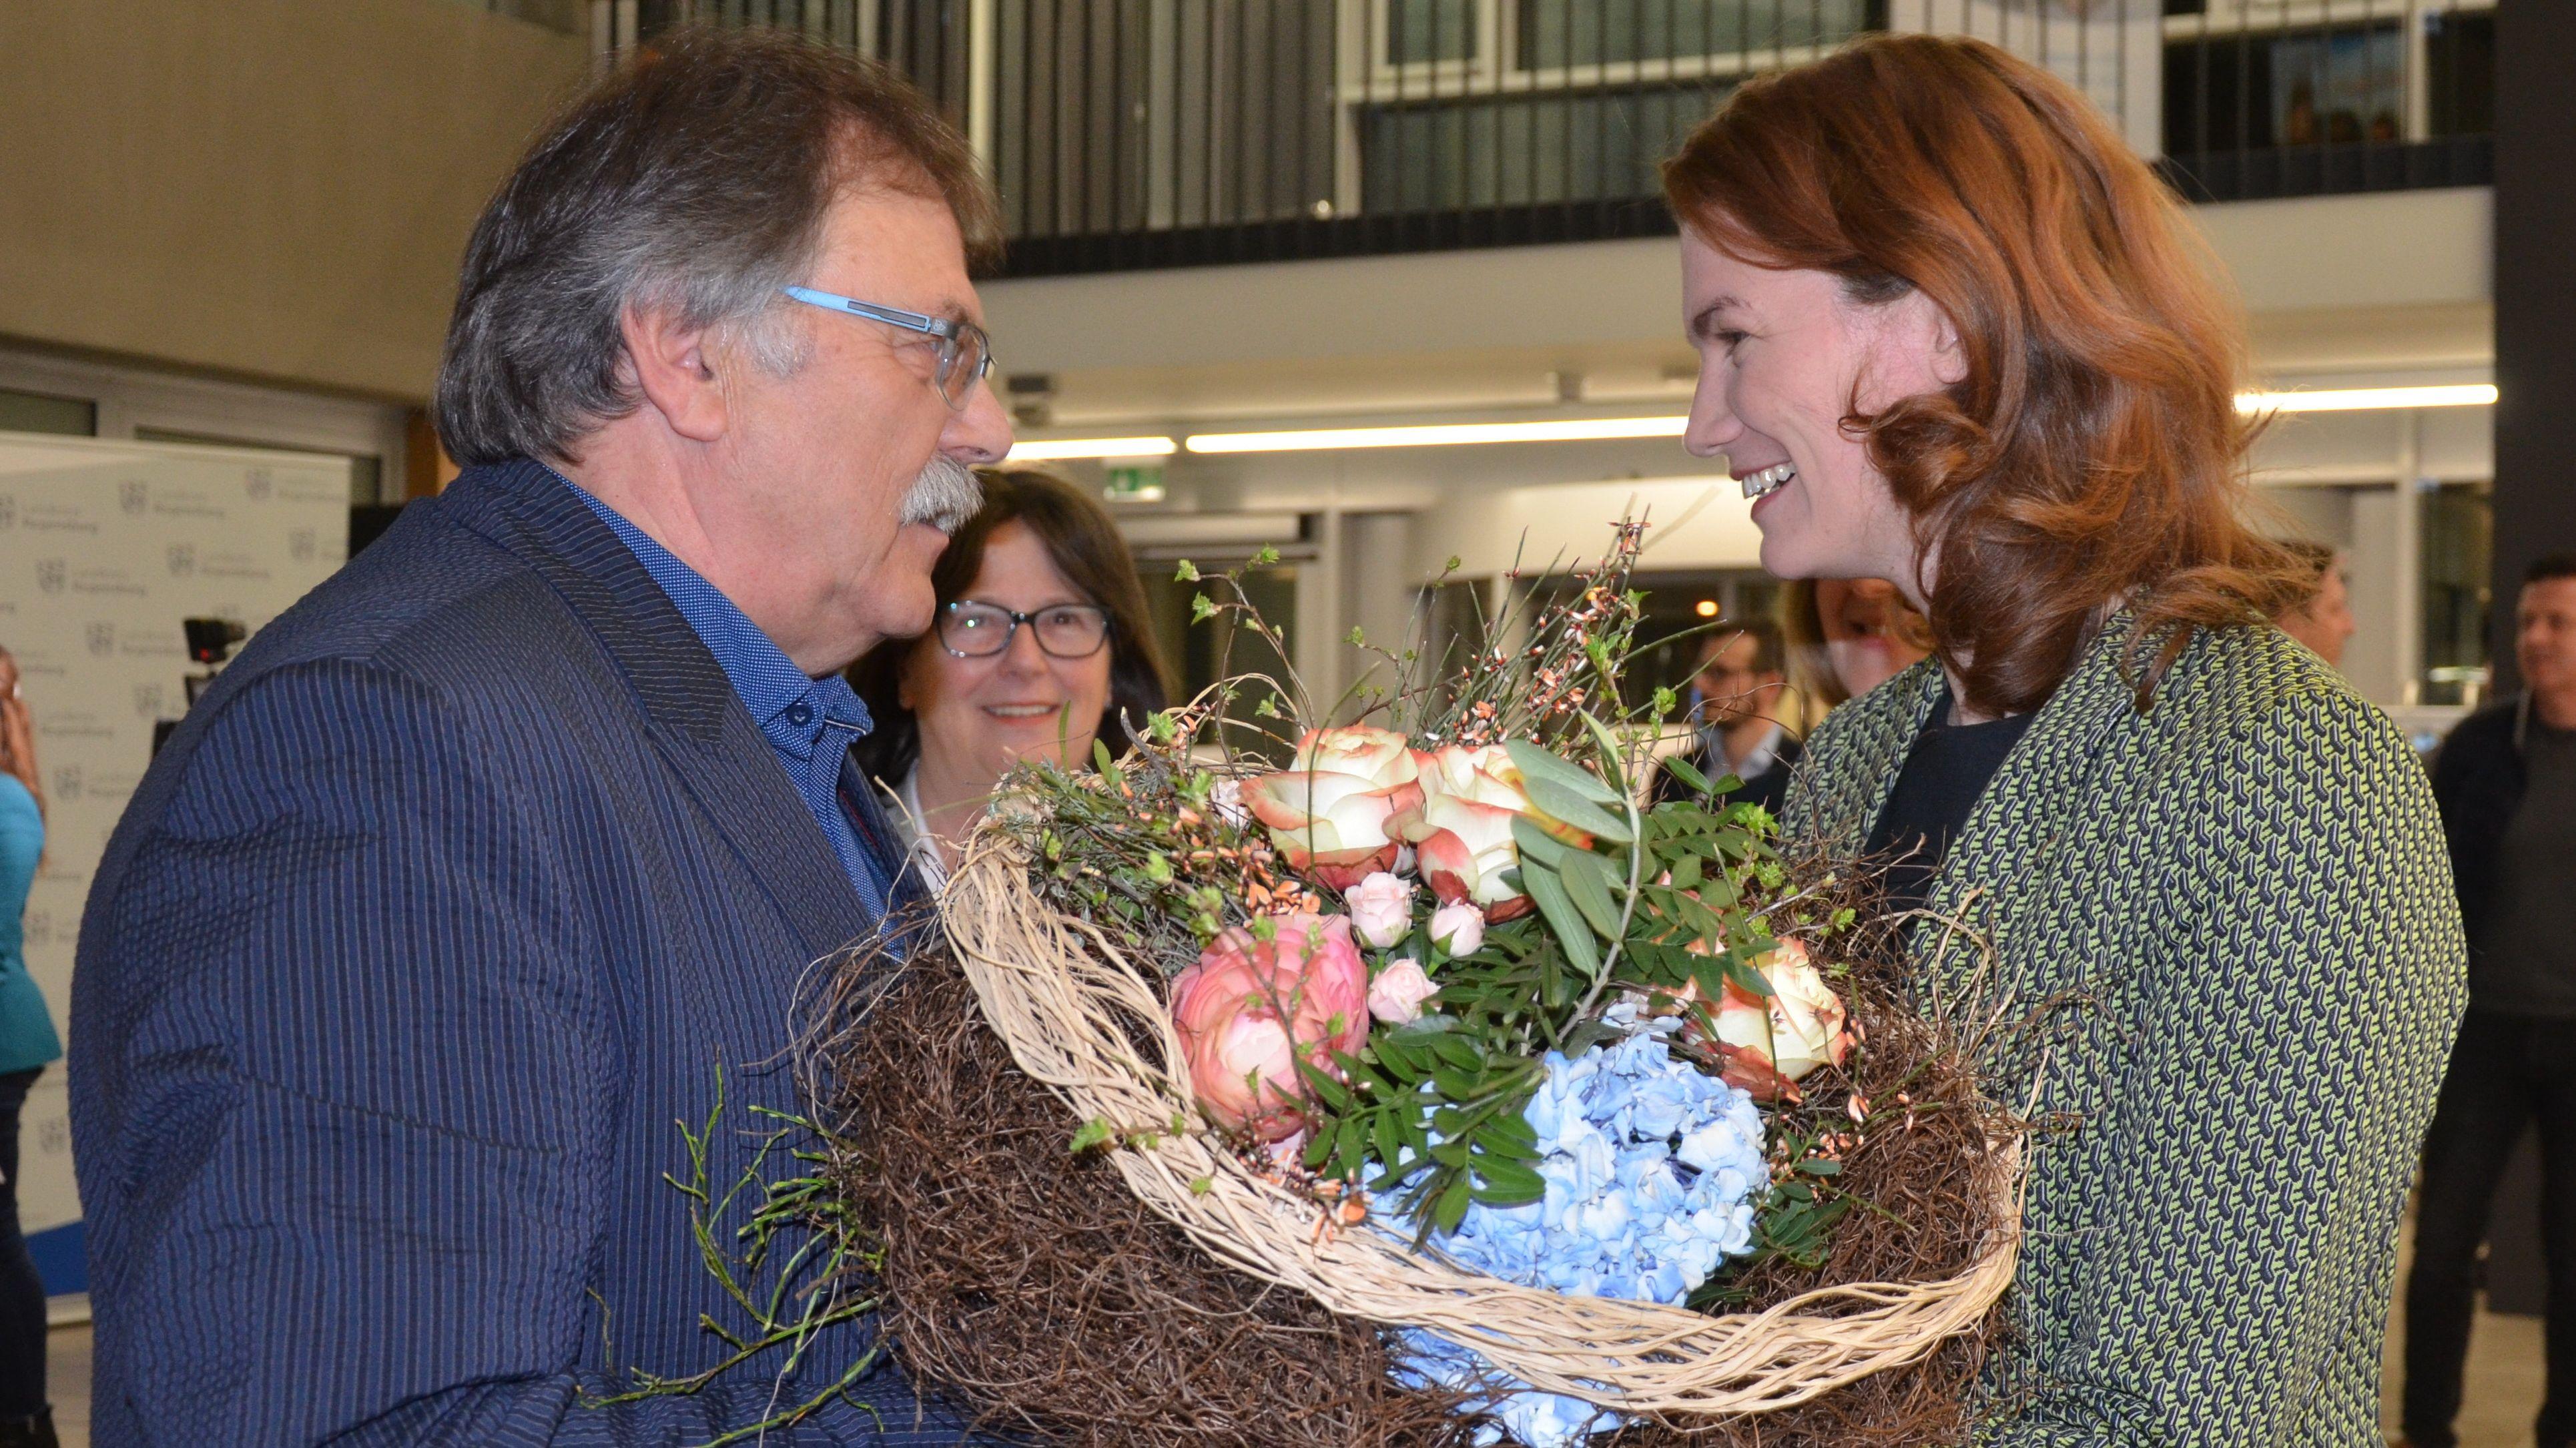 Stellvertretender Landrat Willi Hogger gratuliert Landrätin Tanja Schweiger zur Wiederwahl